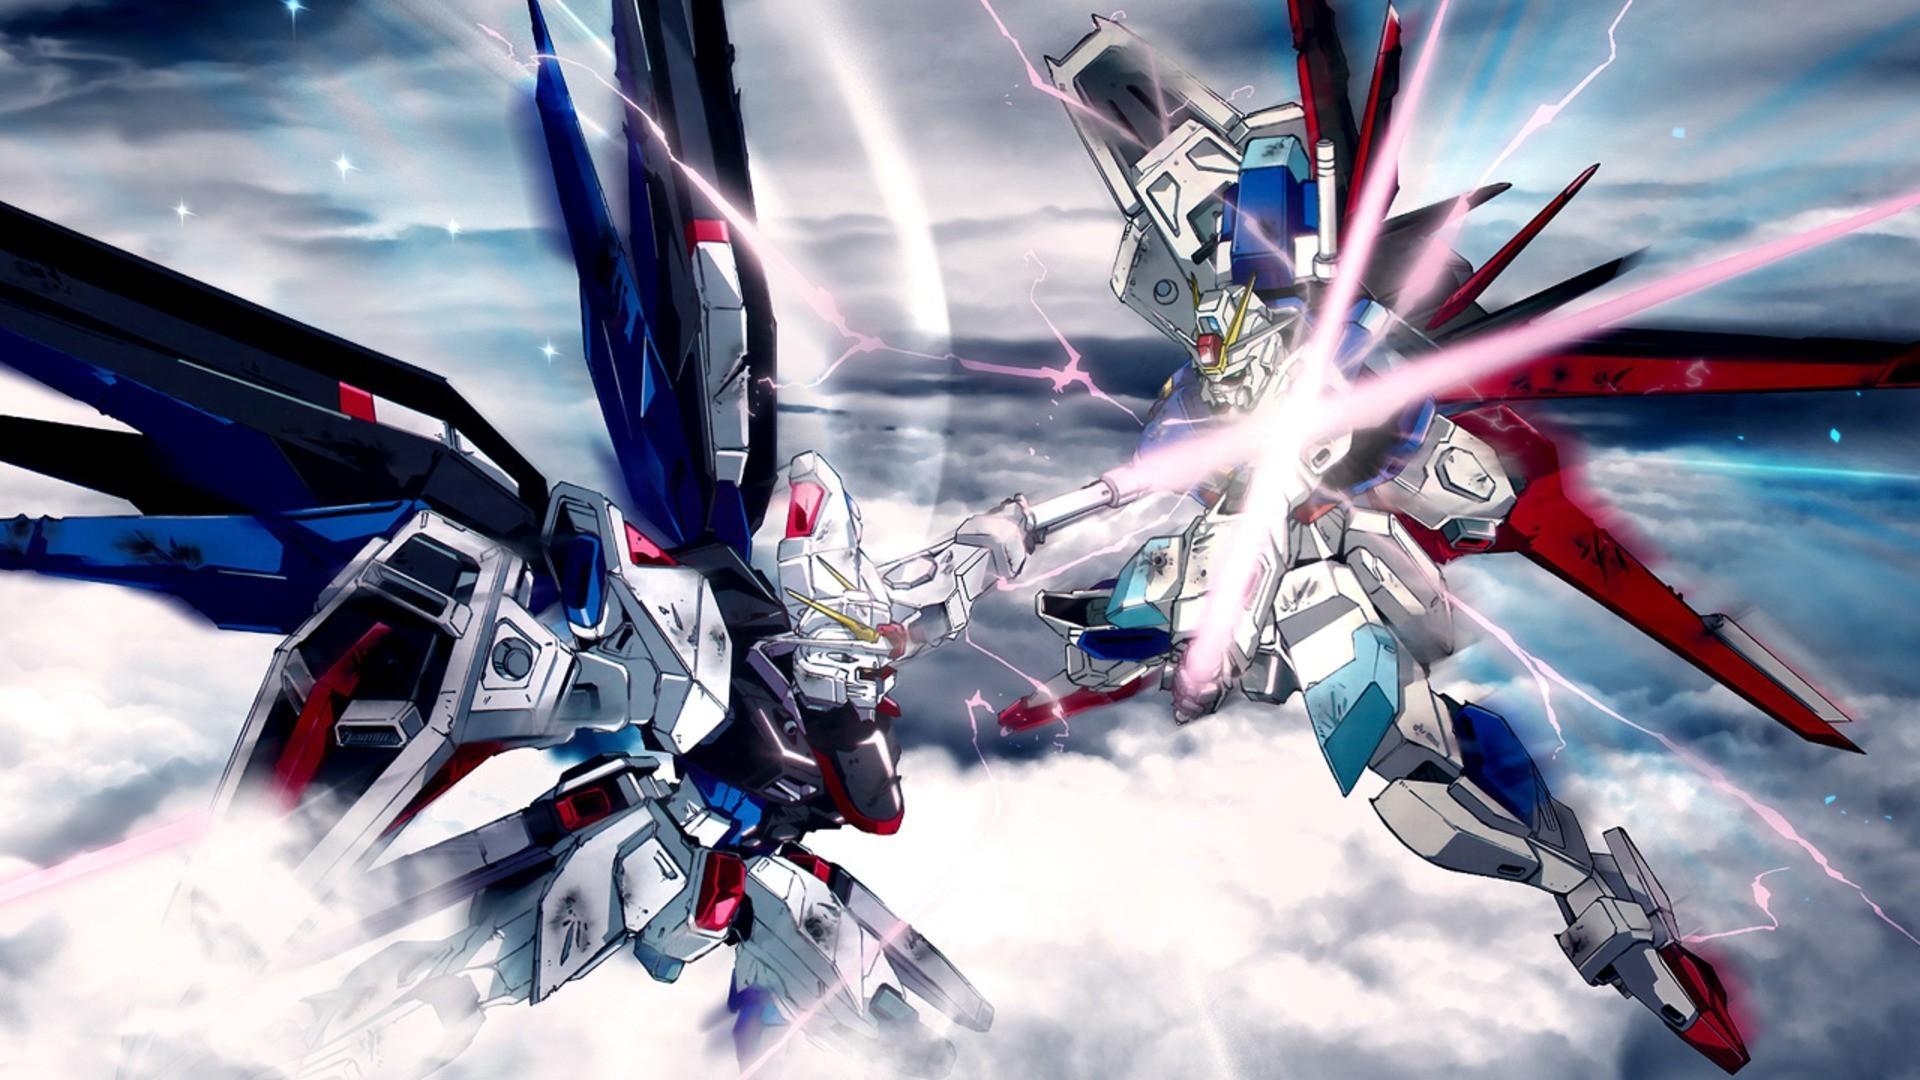 Gundam Wallpapers 1080p – WallpaperSafari